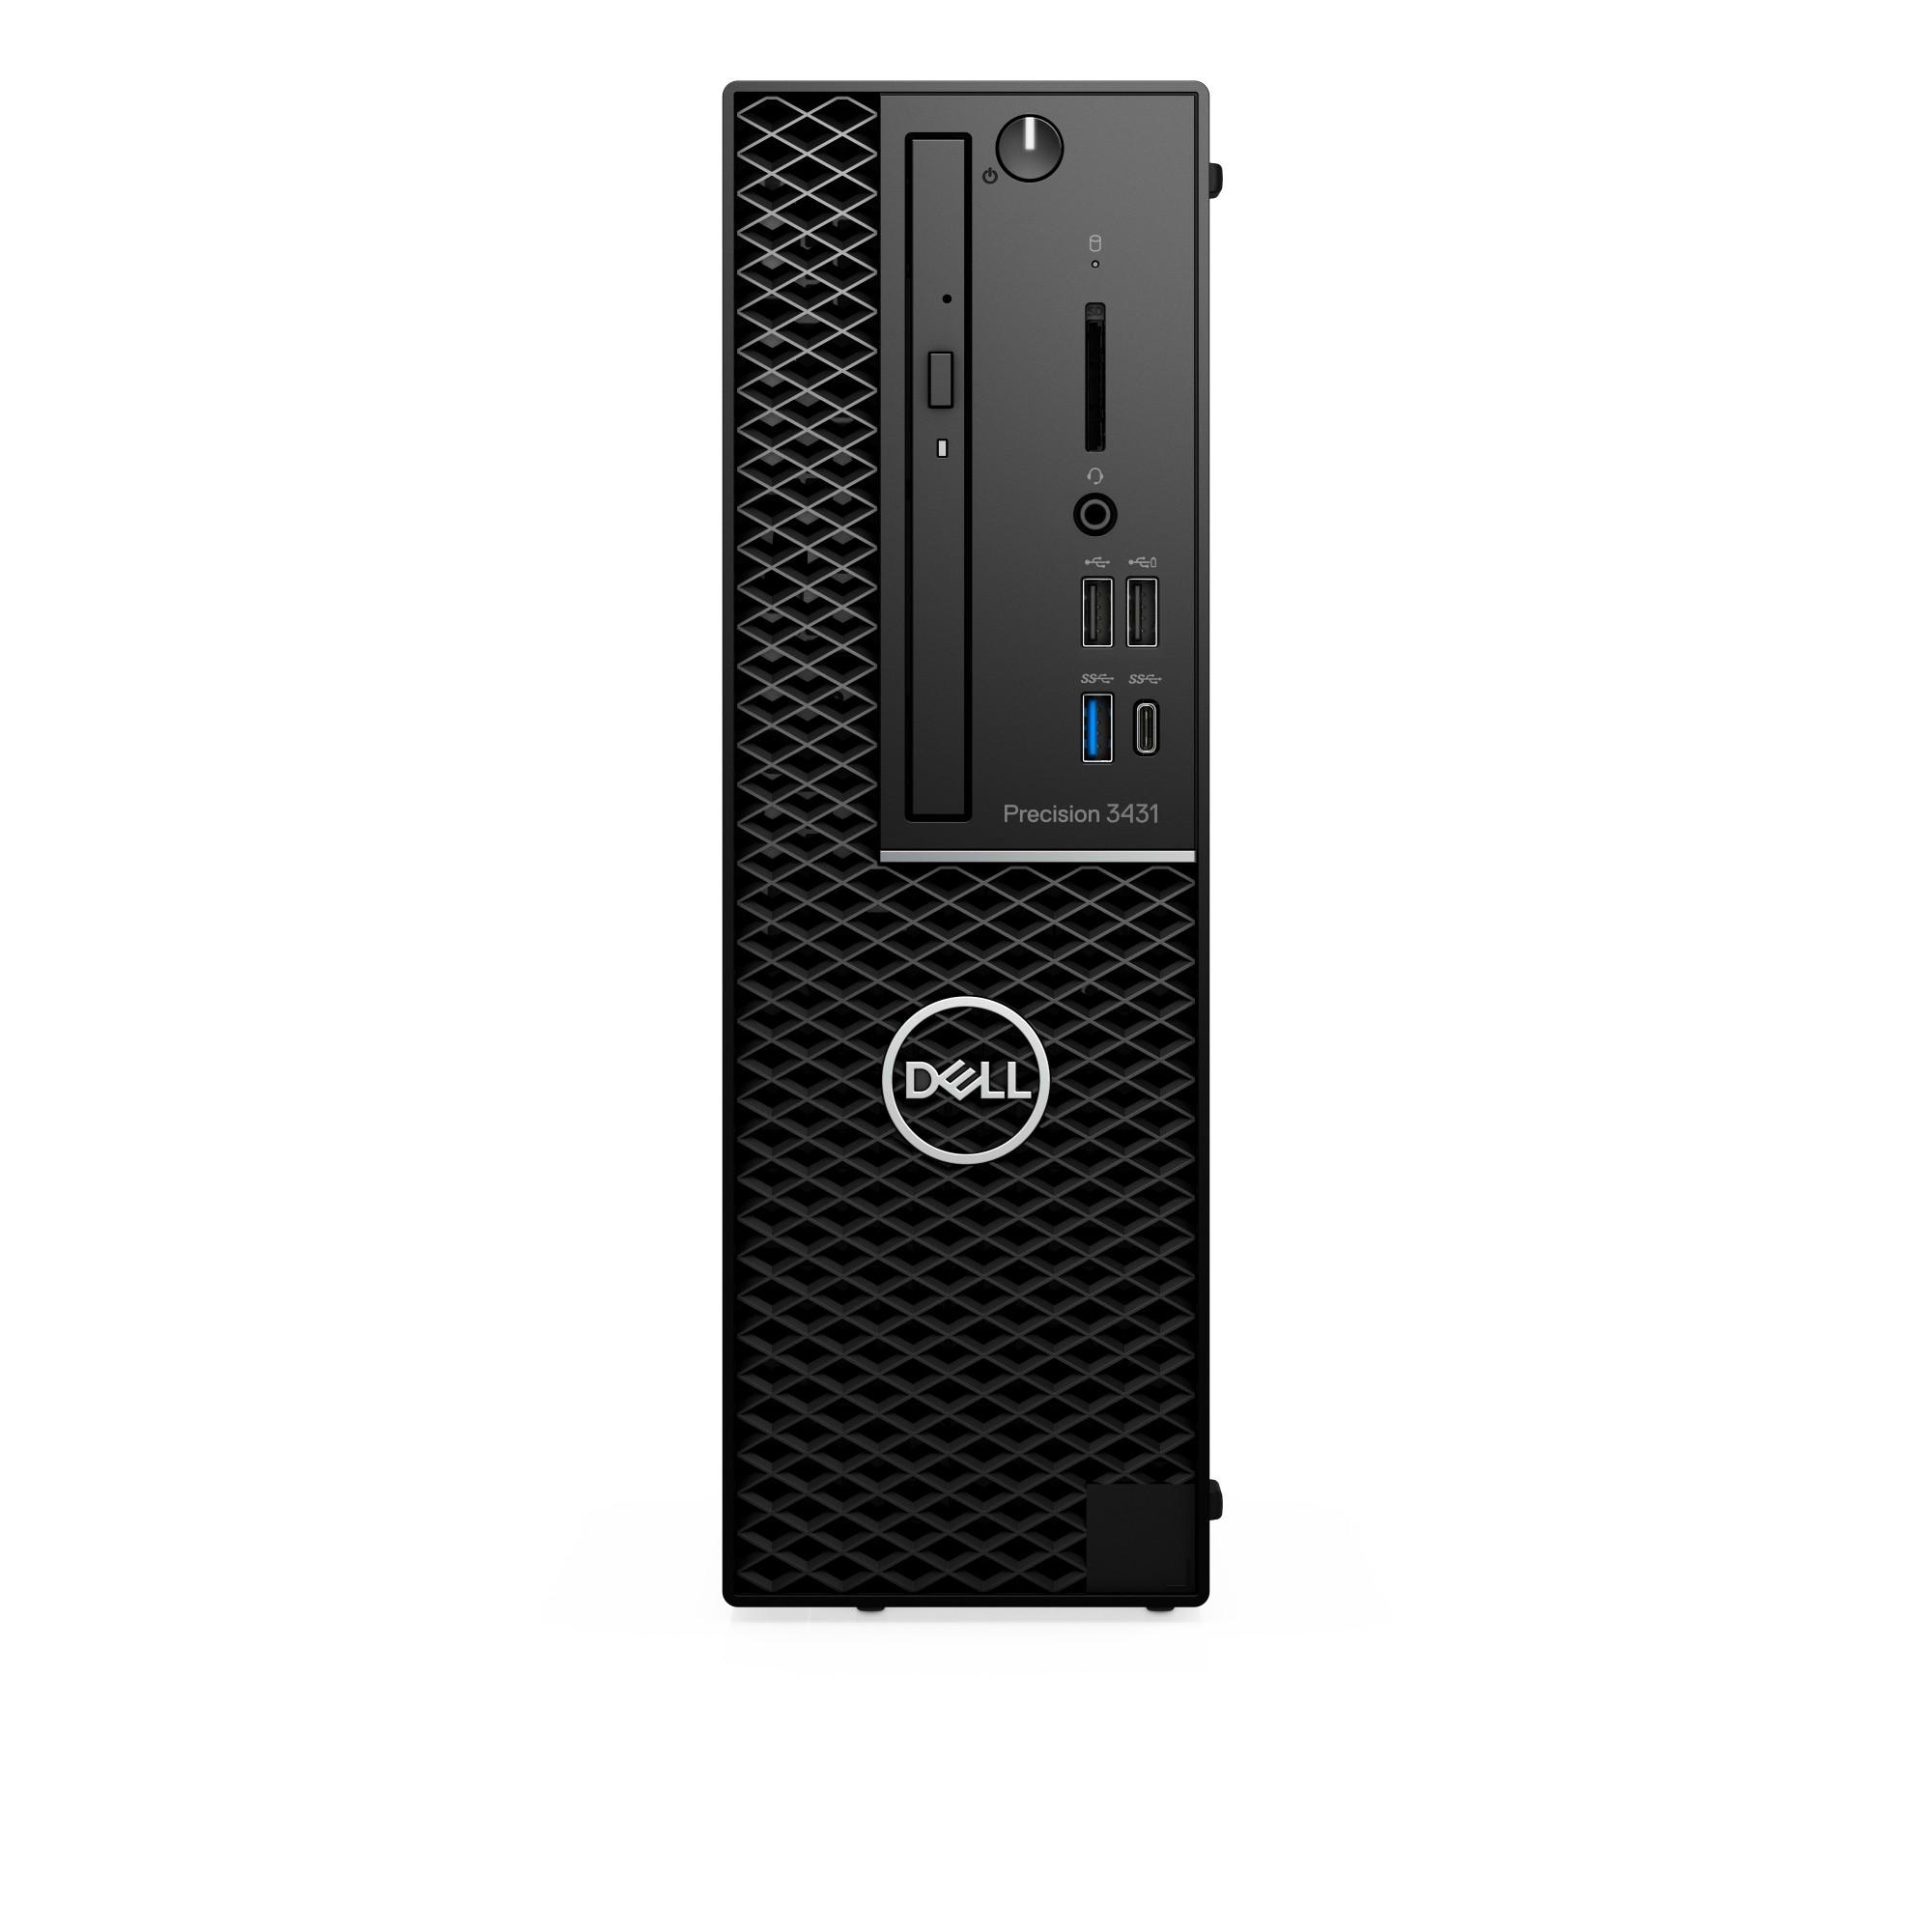 DELL Precision 3431 Intel Xeon E E-2224 16 GB DDR4-SDRAM 256 GB SSD SFF Black Workstation Windows 10 Pro